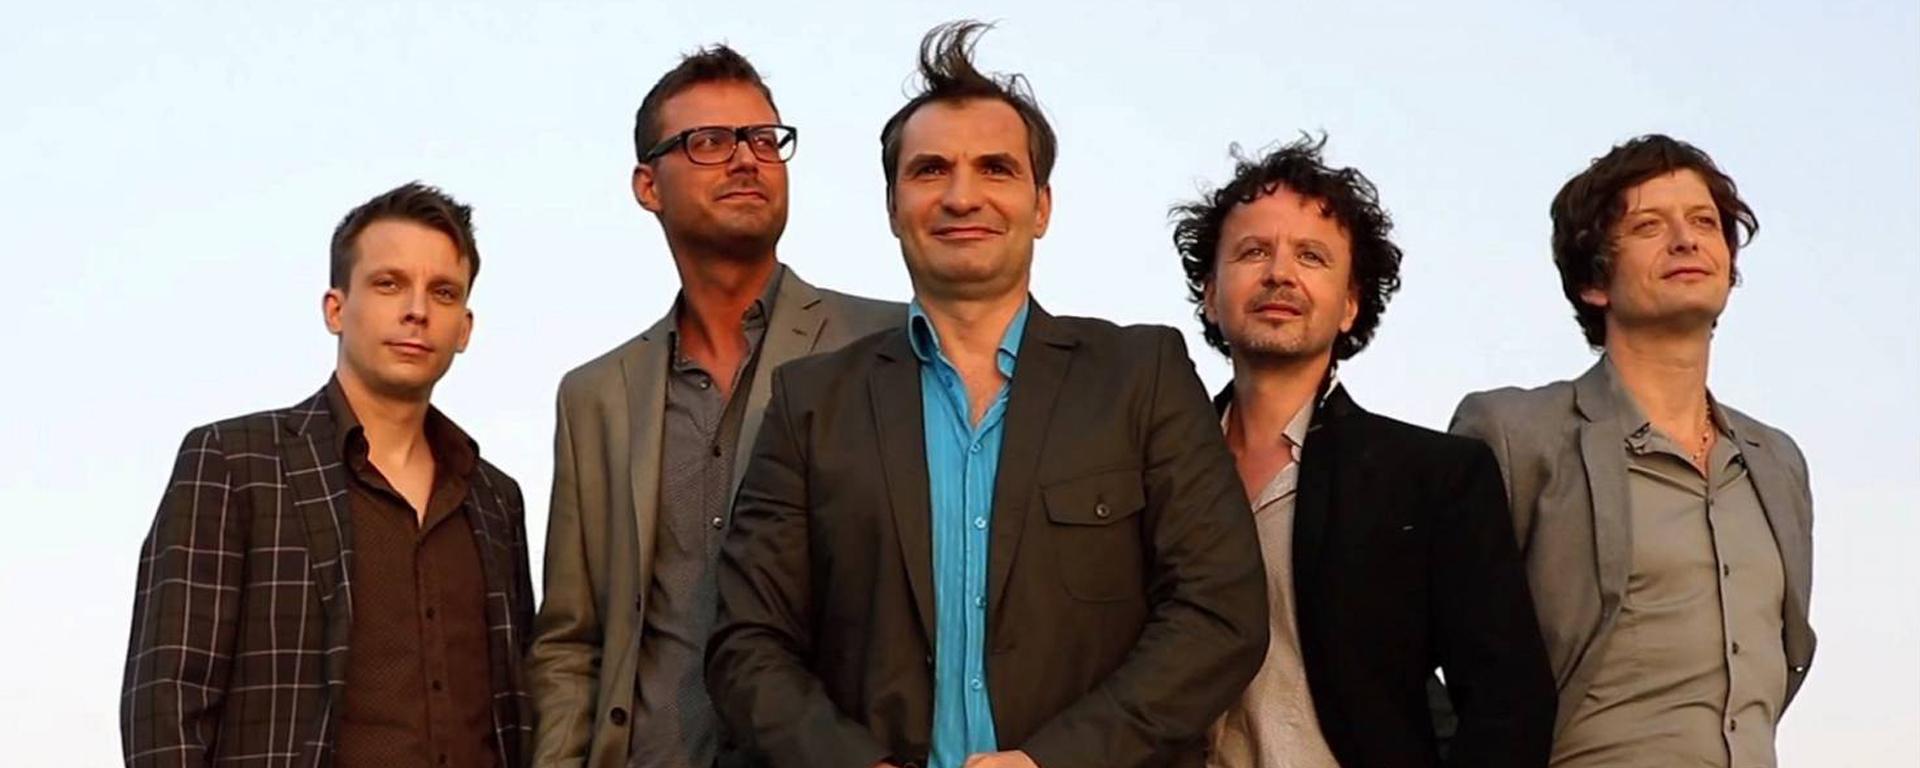 """Kapela Mig 21 vydáva dvojalbum """"Hity a rarity"""", zároveň predstavuje novú pieseň aj s videoklipom """"Hej kámo!"""""""